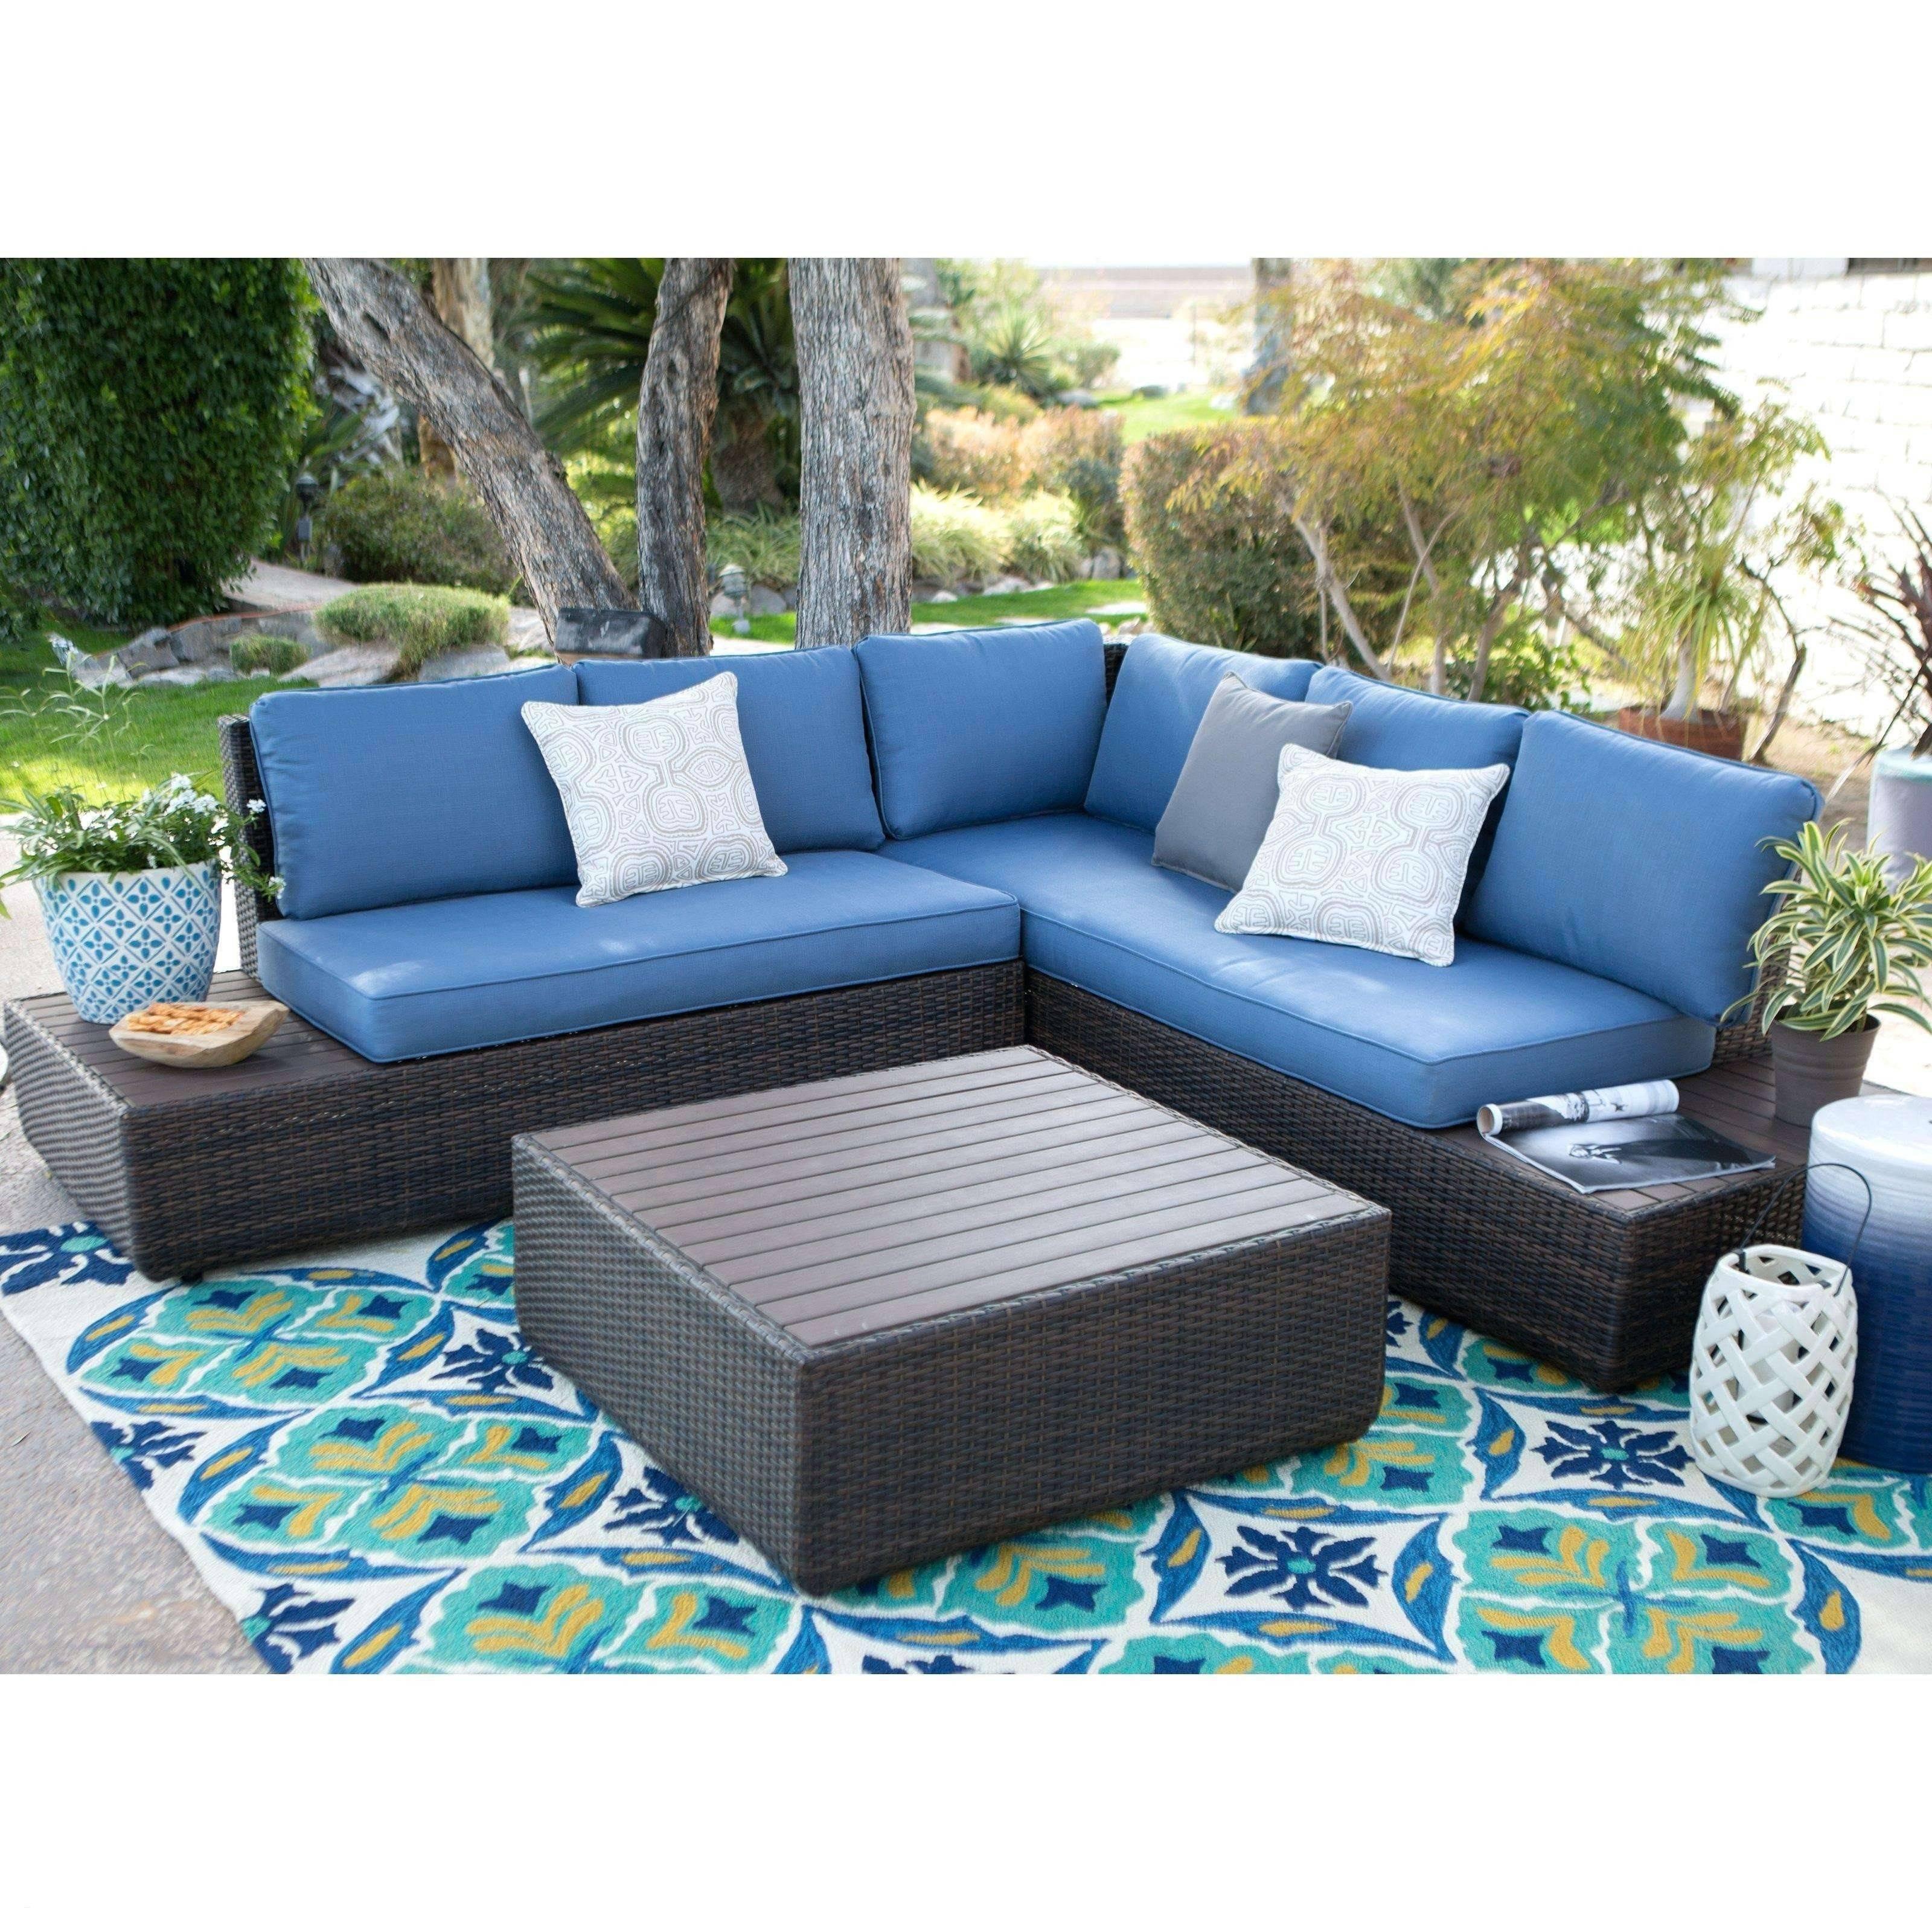 diy home decor furniture luxury awesome homemade sofa ideas hd at shape idea of diy home decor furniture